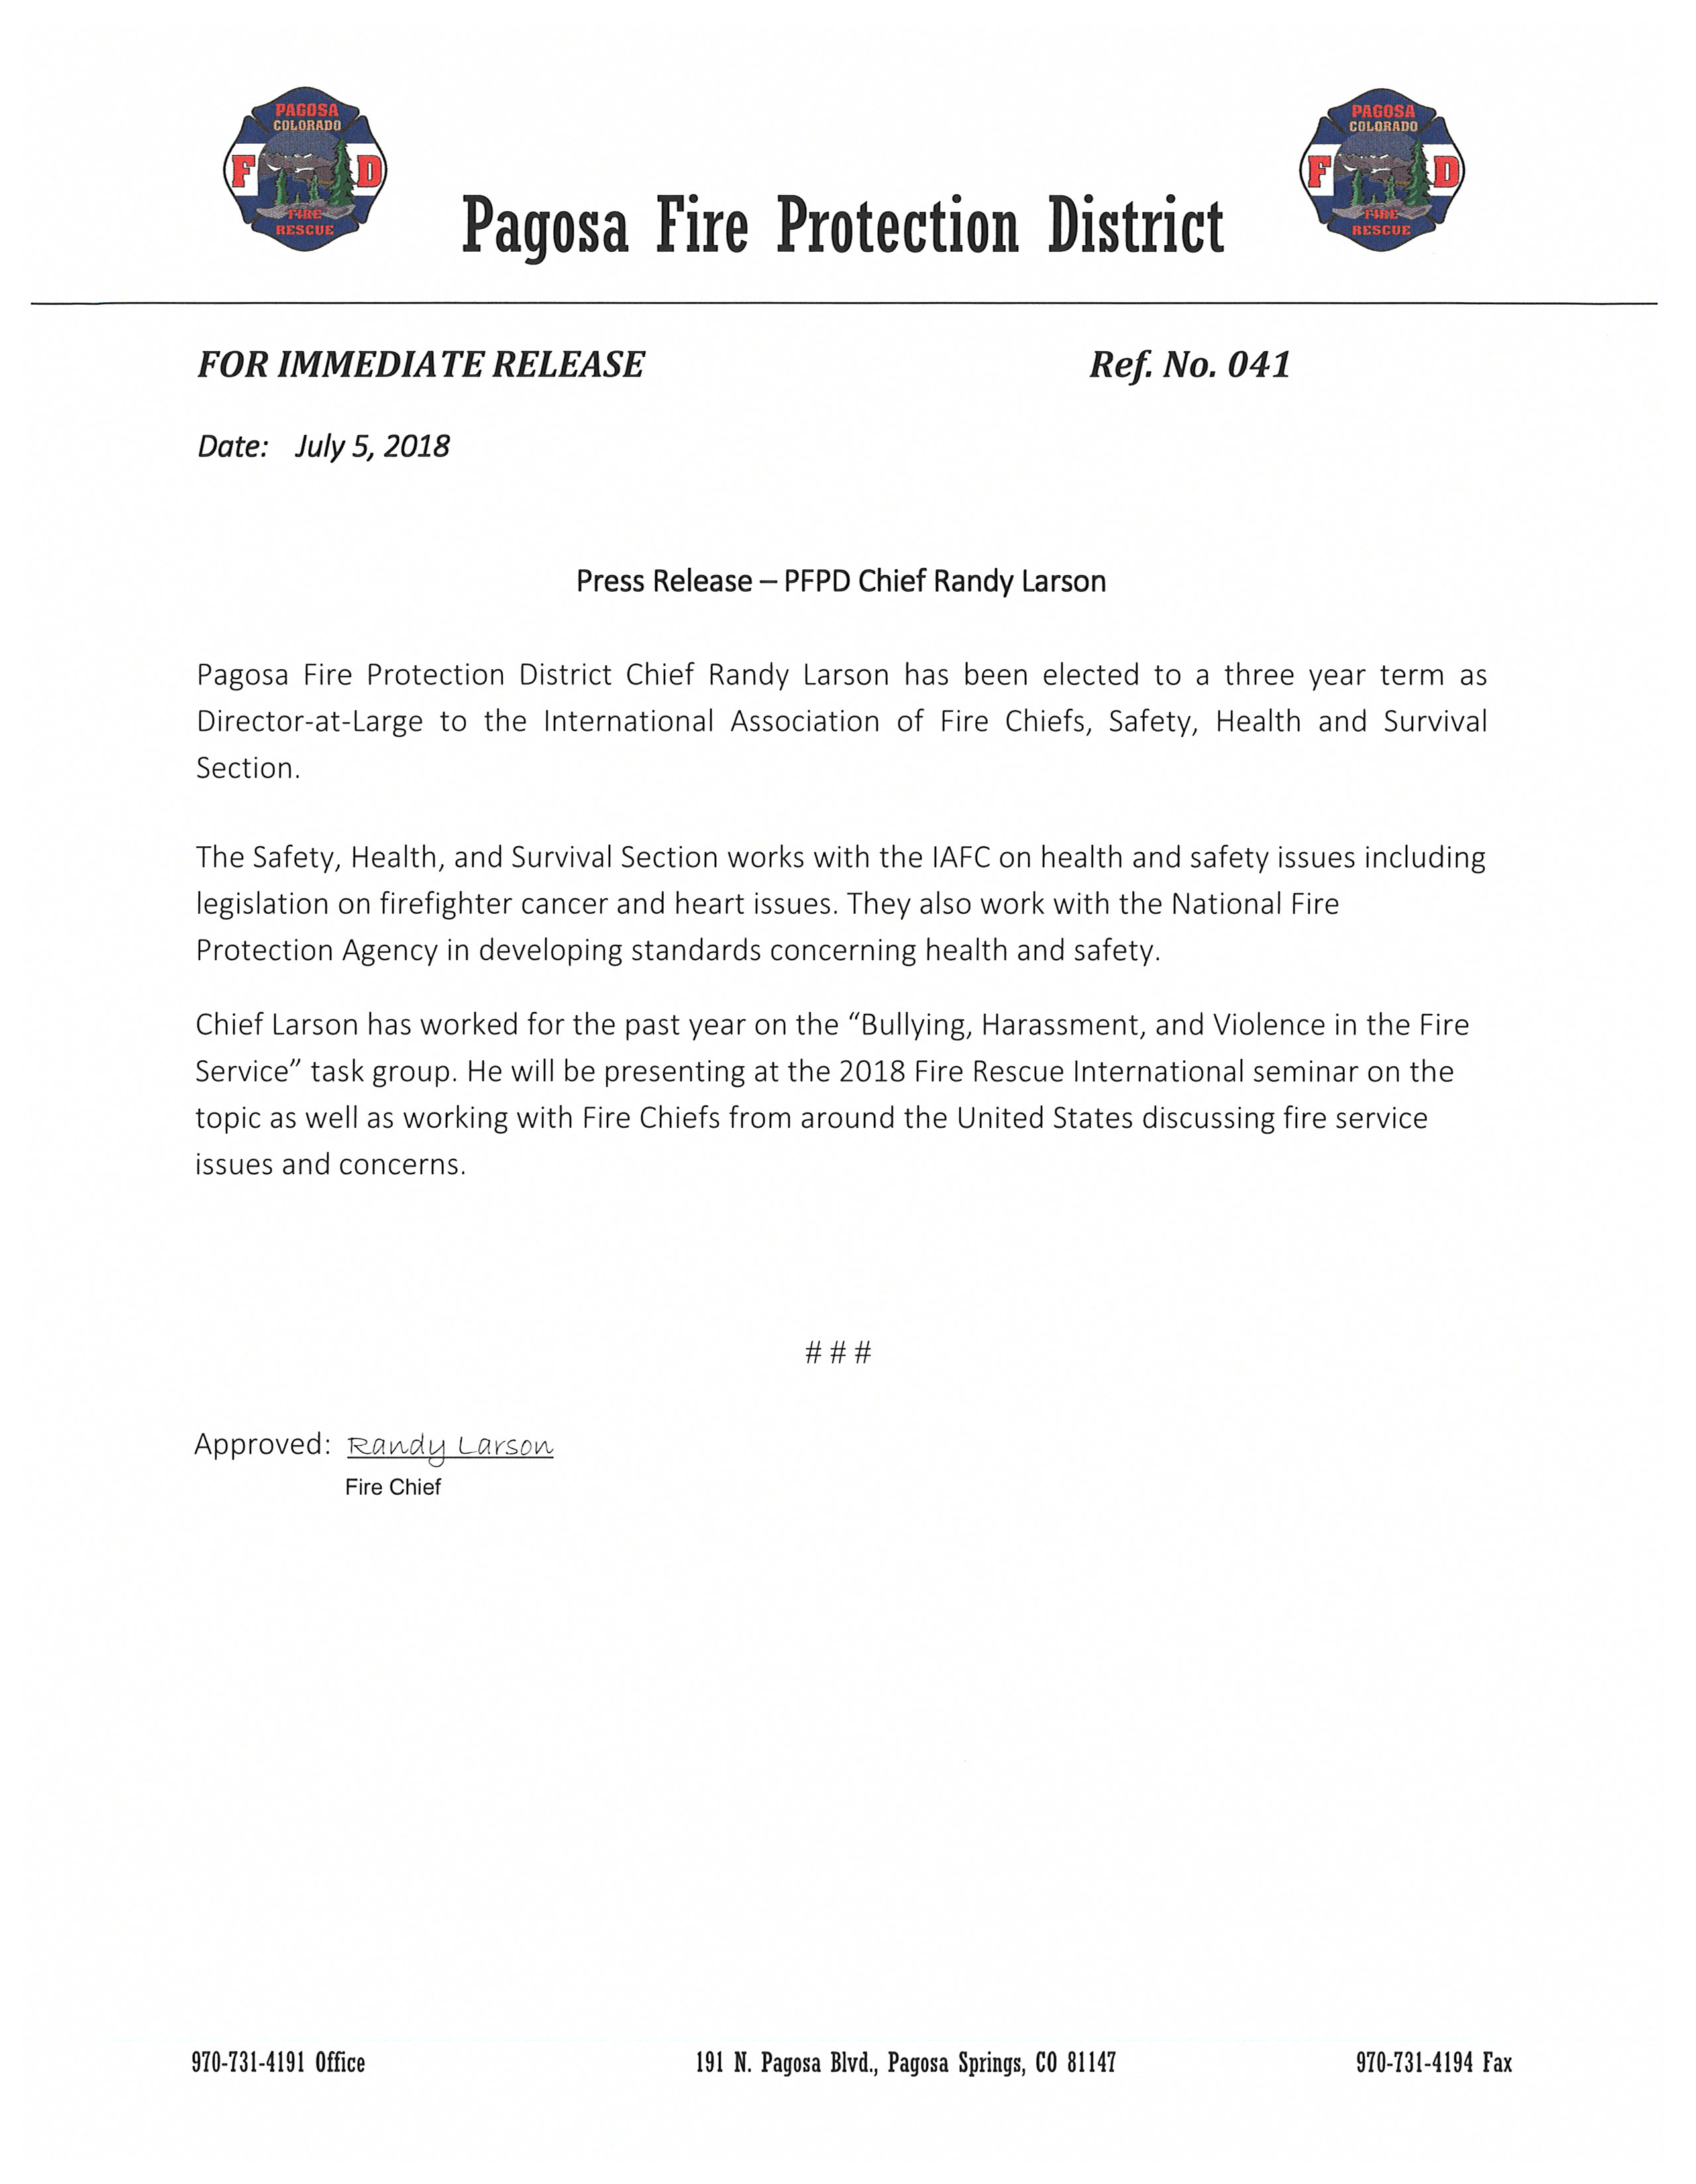 Press Release 041